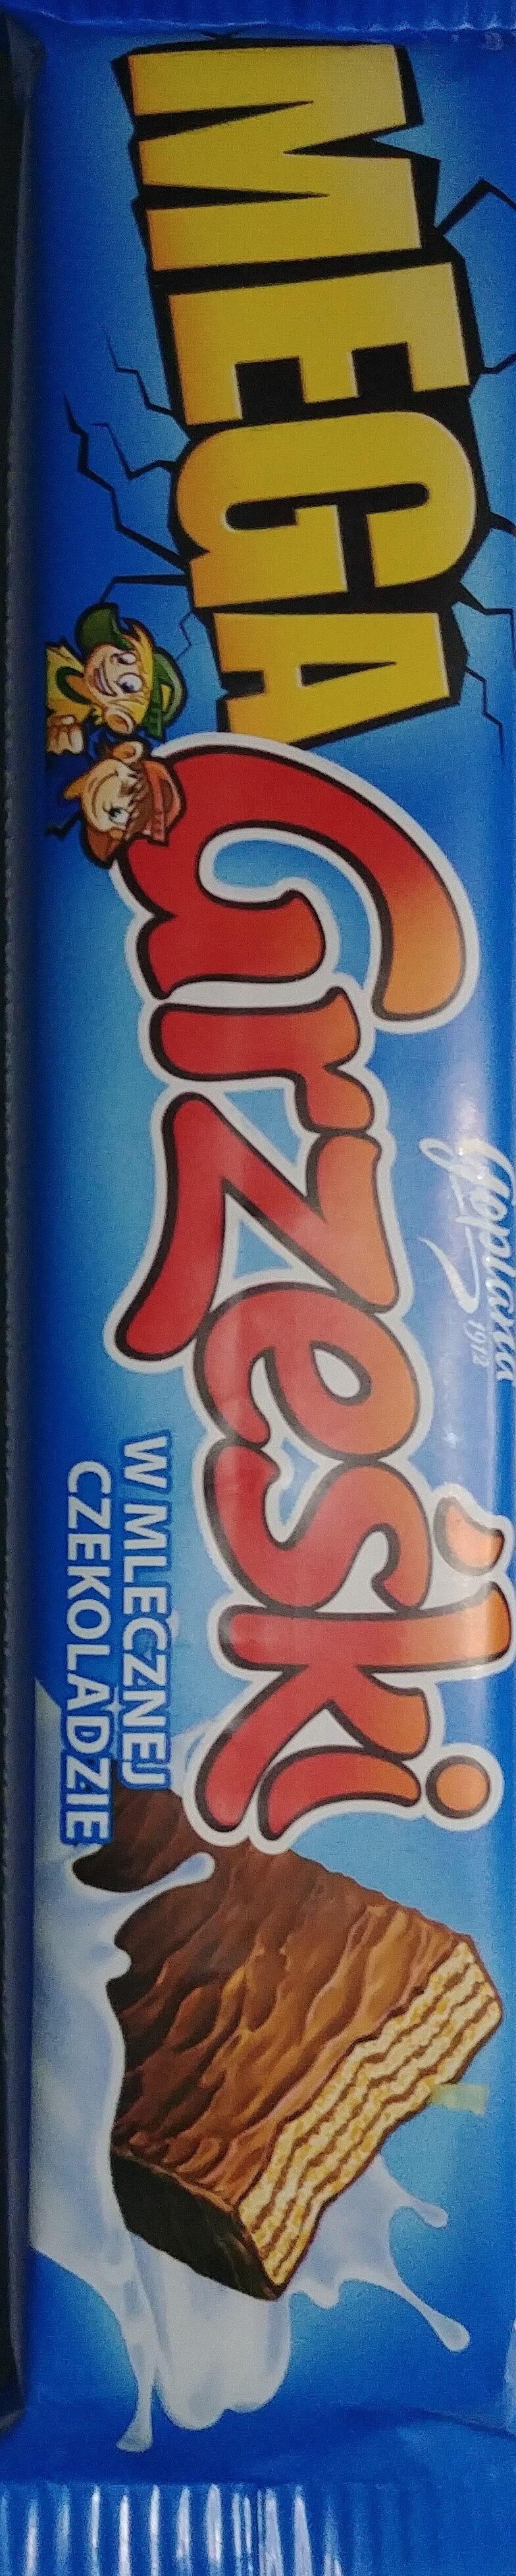 Mega Grześki w mlecznej czekoladzie - Product - pl